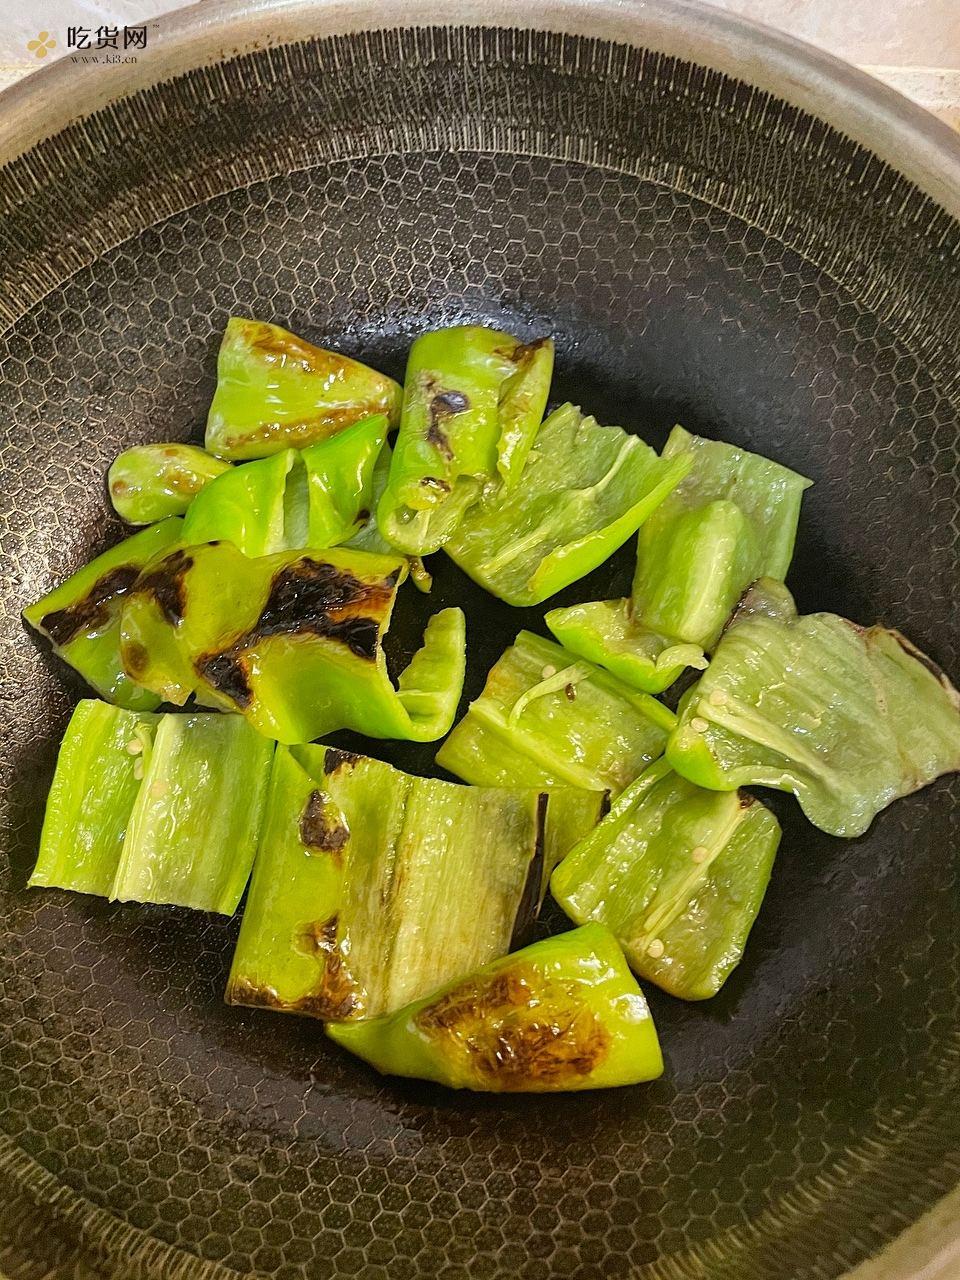 厨房小白菜谱‼️虎皮尖椒擂皮蛋❗️的做法 步骤2